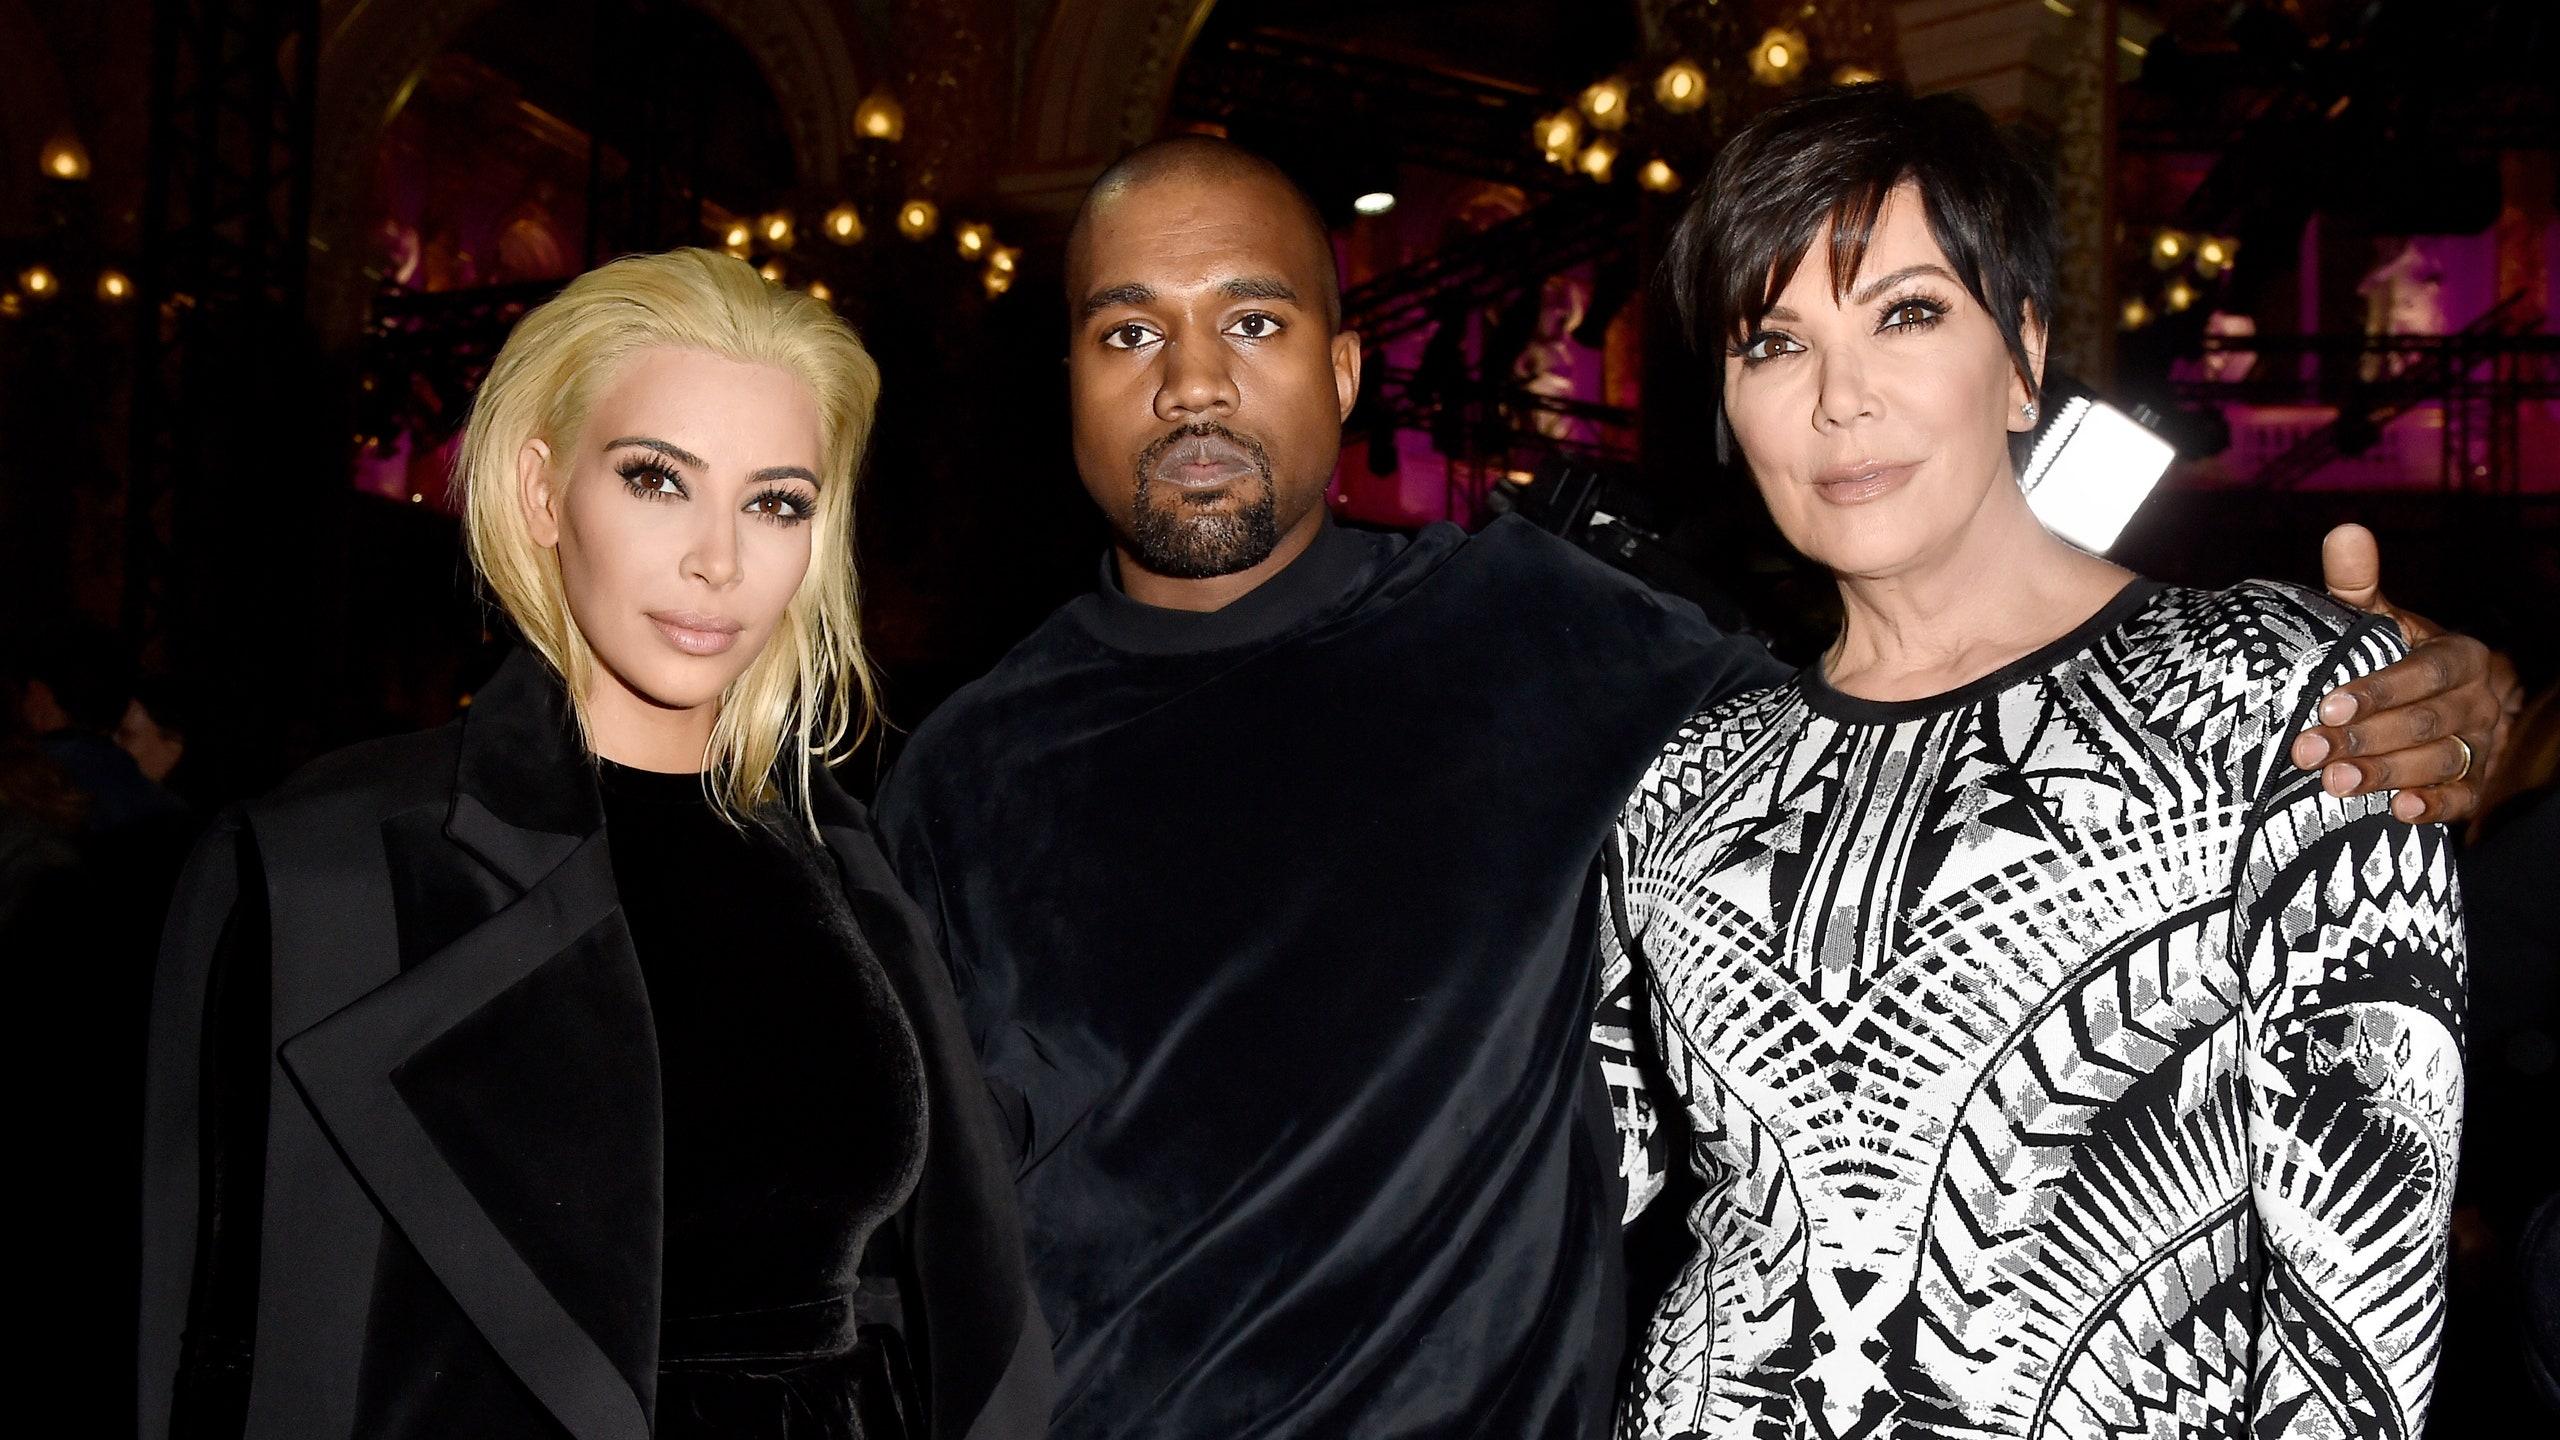 Kanye West da 'unfollow' a Kim Kardashian y a su familia en Twitter